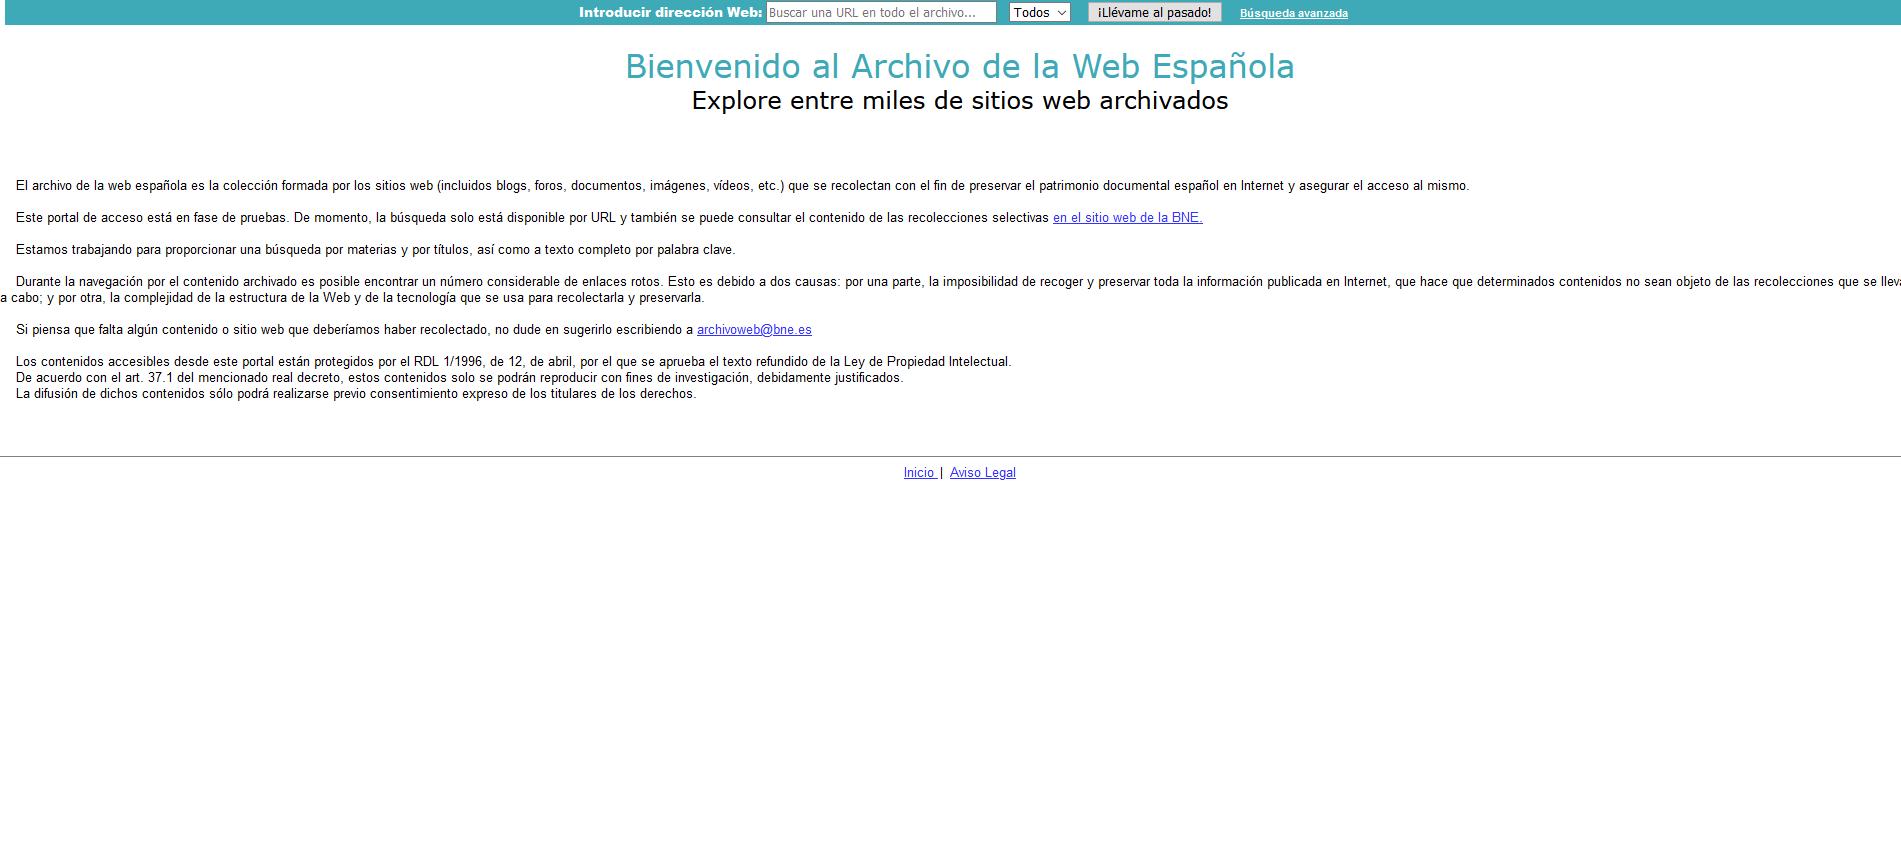 Imagen de la página de inicio del Portal de Archivo de la web Española